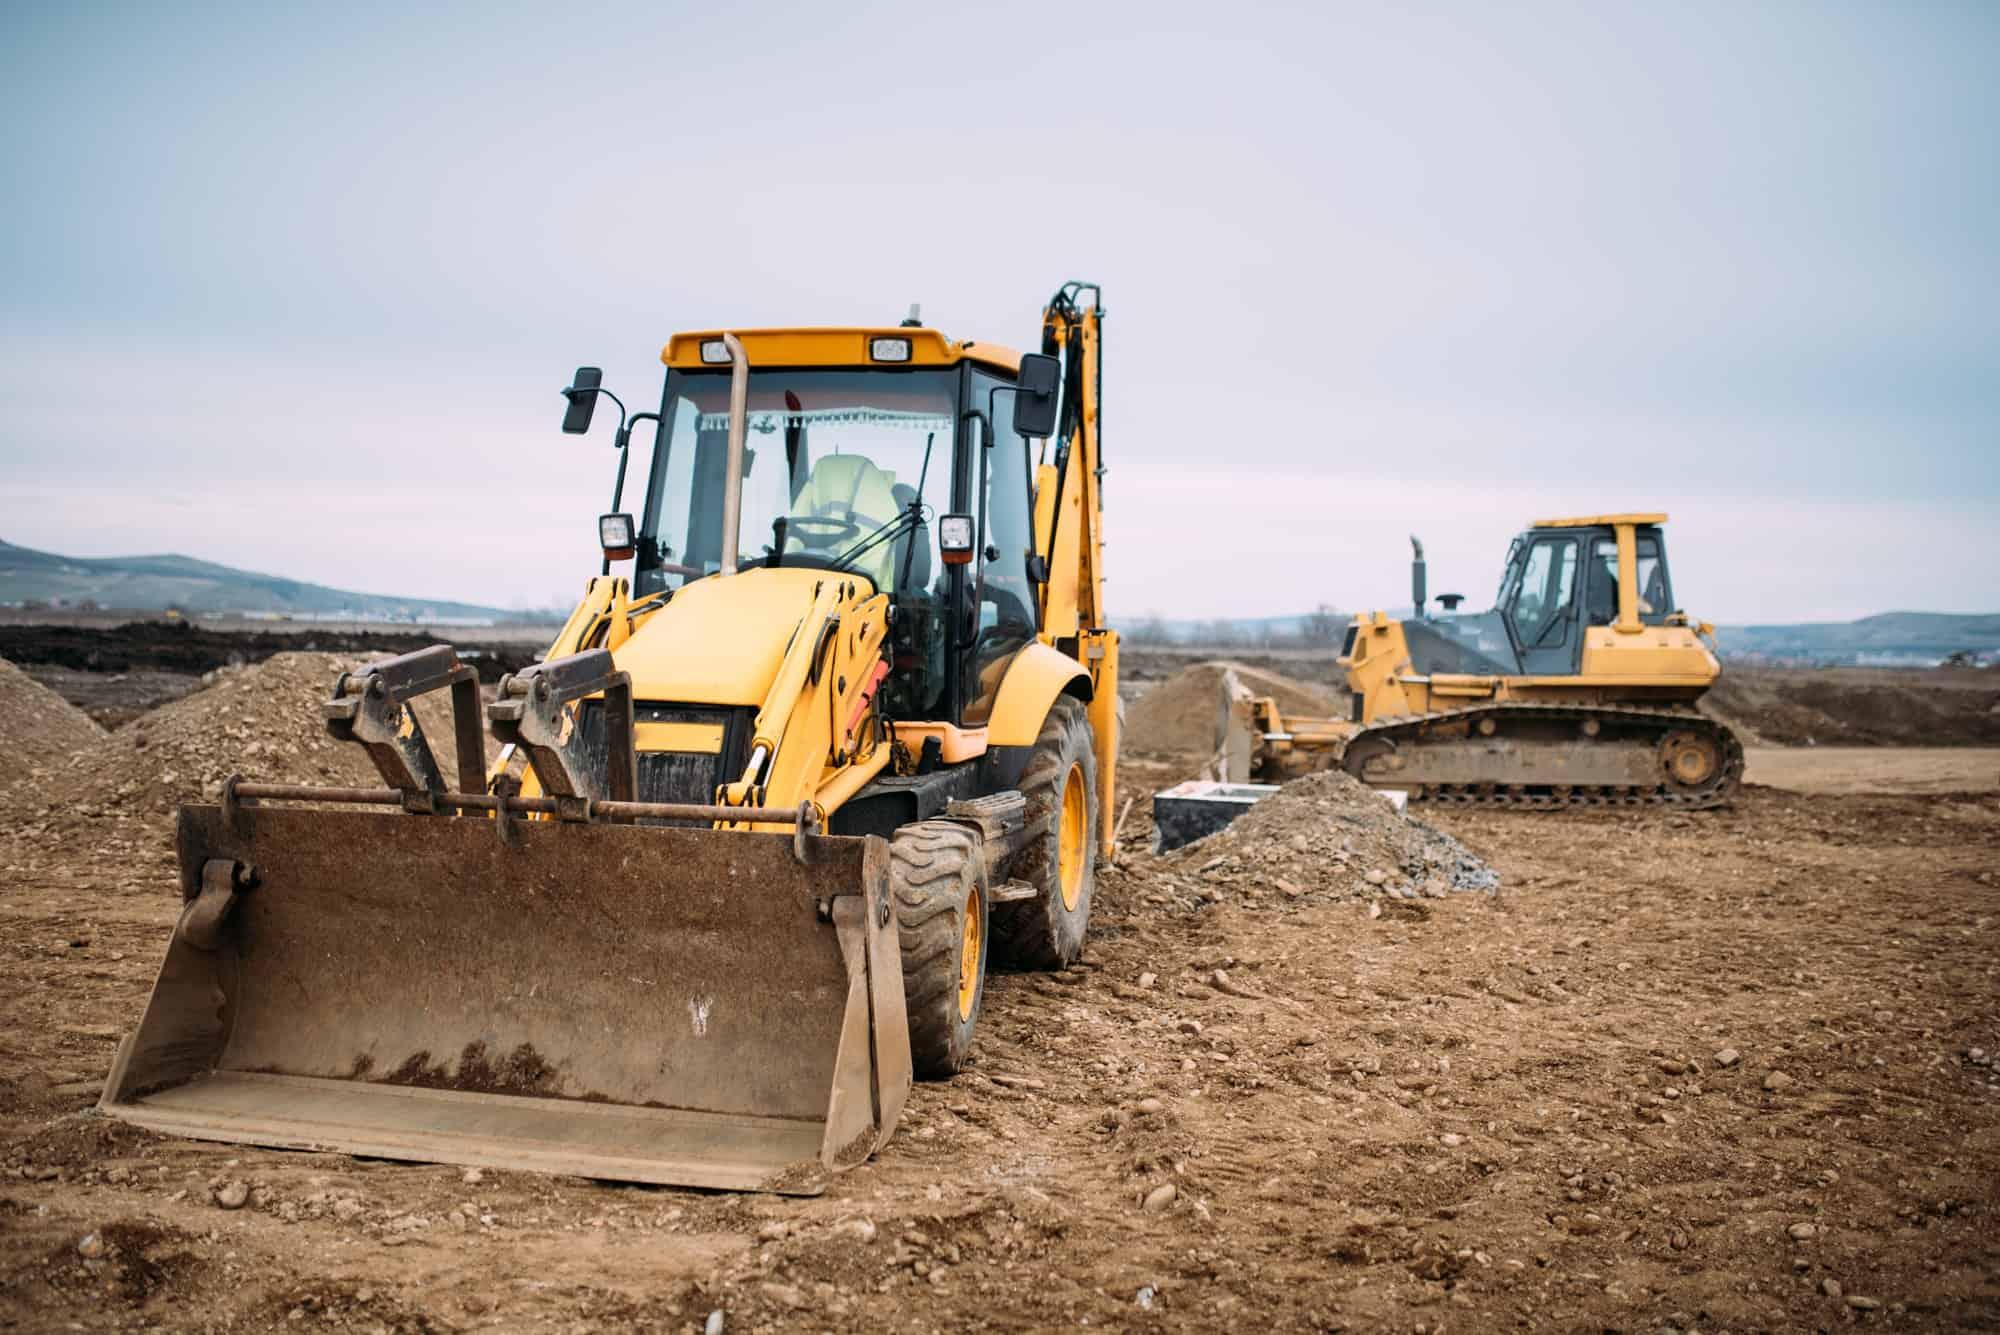 Industrial backhoe excavator loader